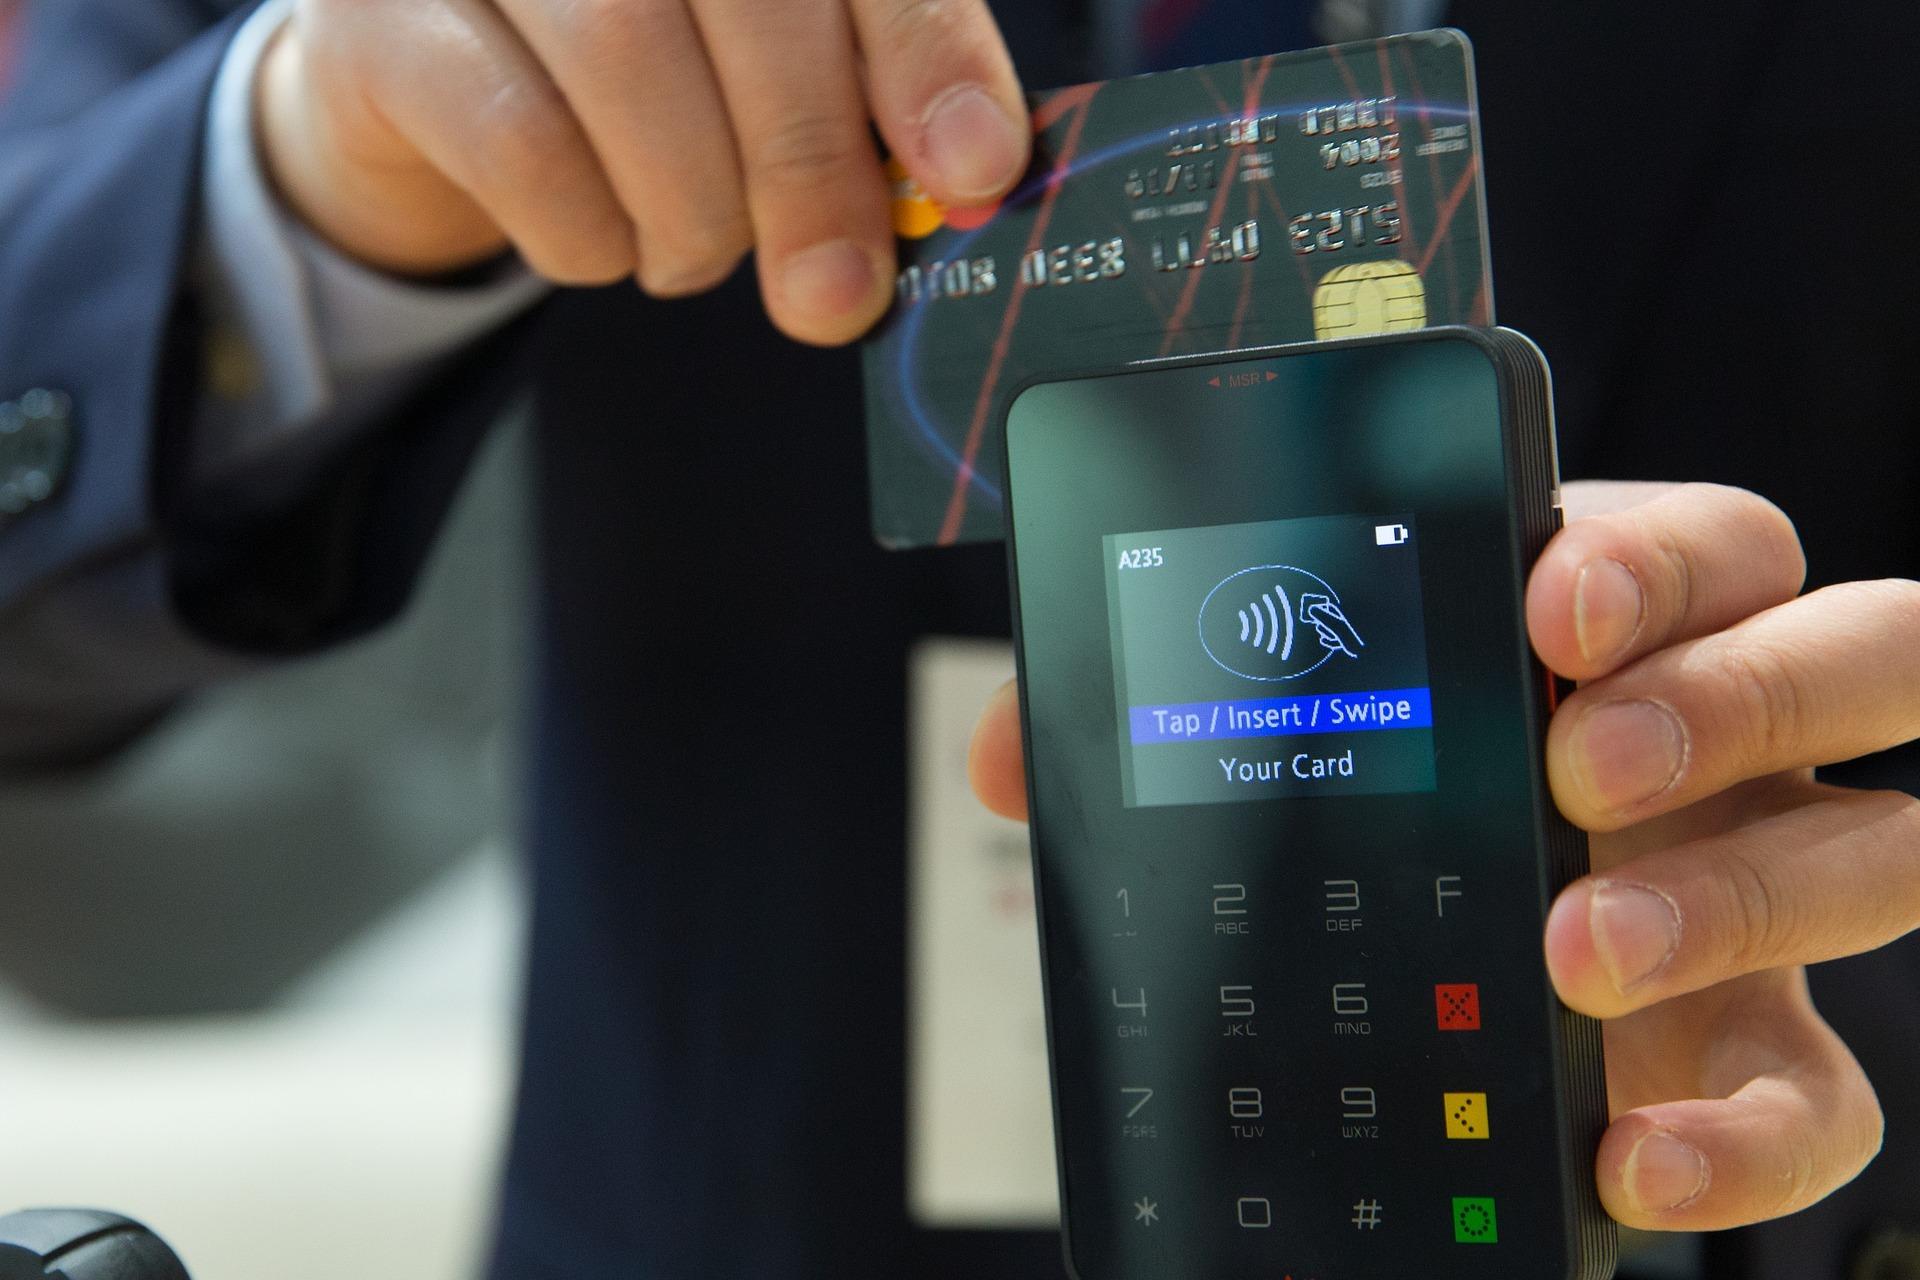 金融科技趨勢》FinTech扣住消費者的需求,成功挖掘潛在新客戶